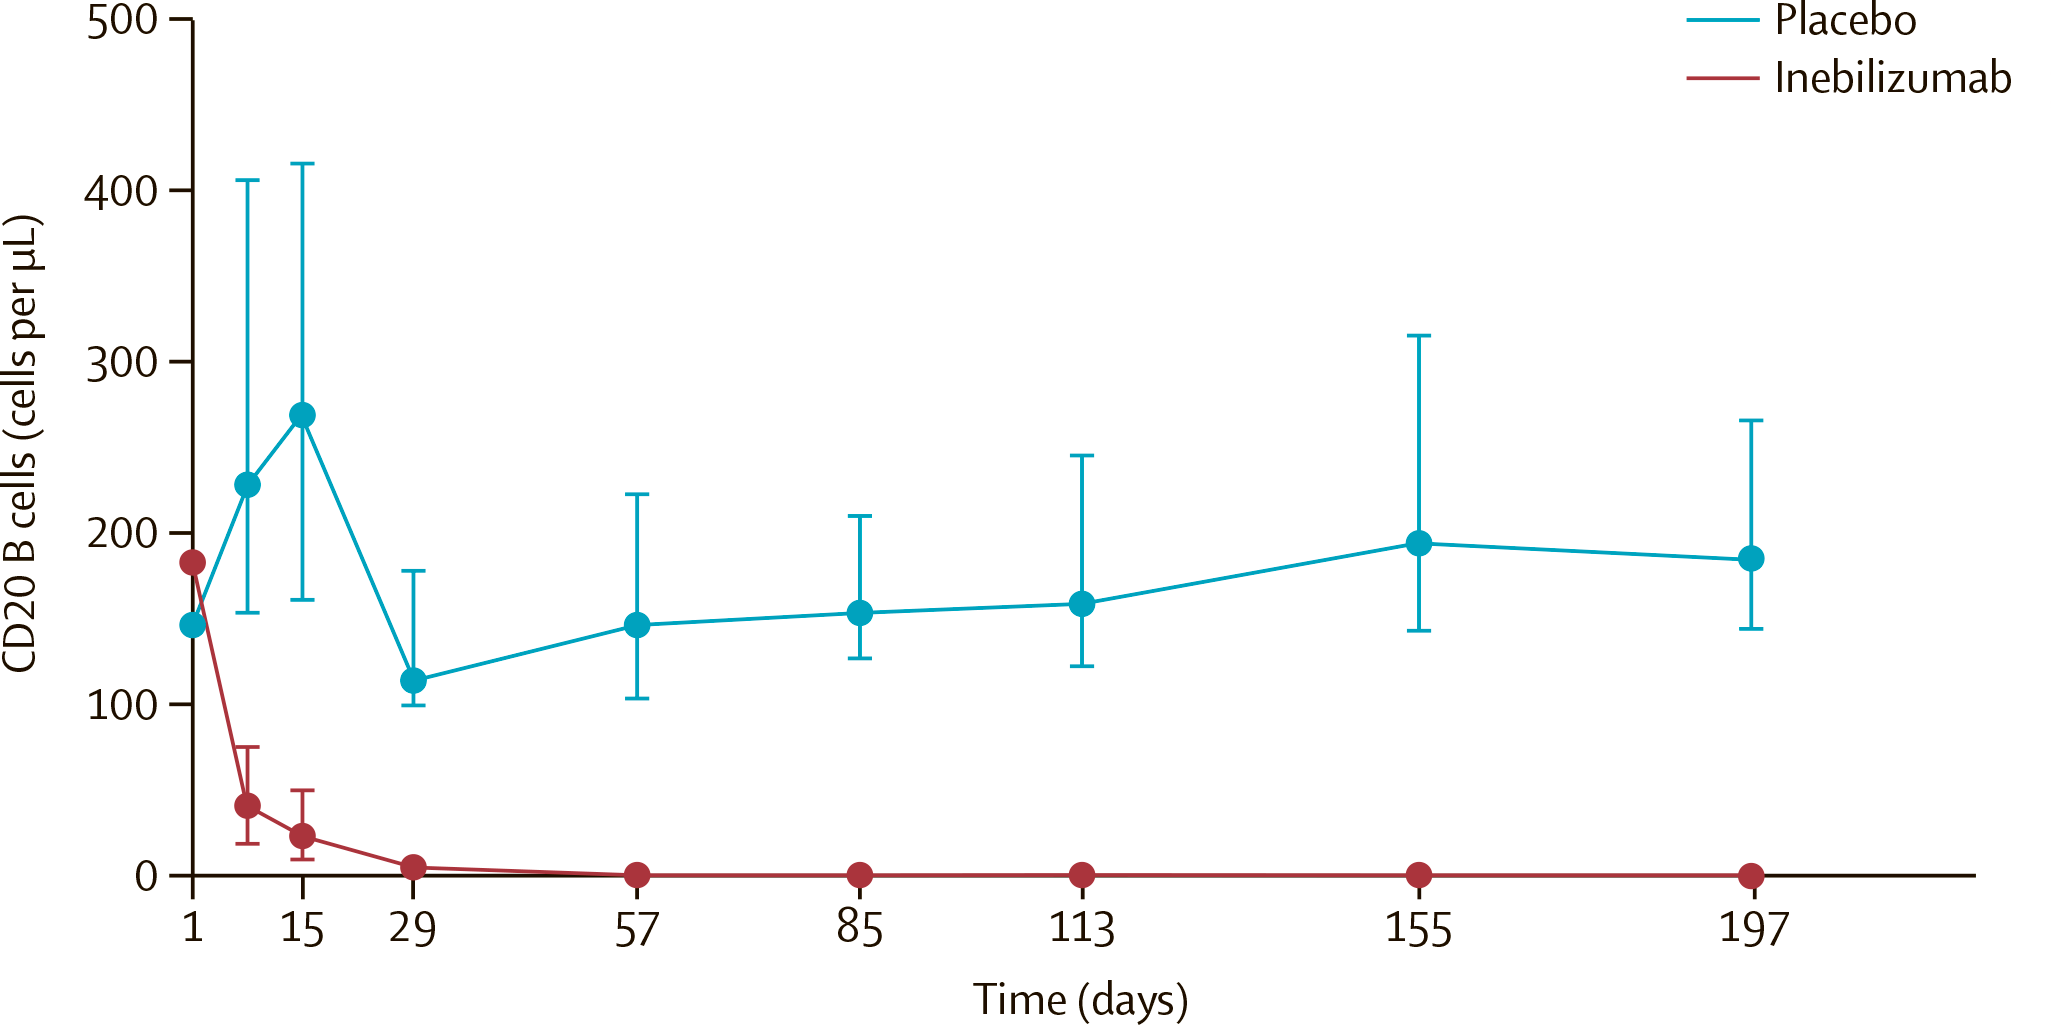 nct02200770 results 03 - «Аплизна»: новый препарат для лечения нейромиелита зрительного нерва со спектральным расстройством